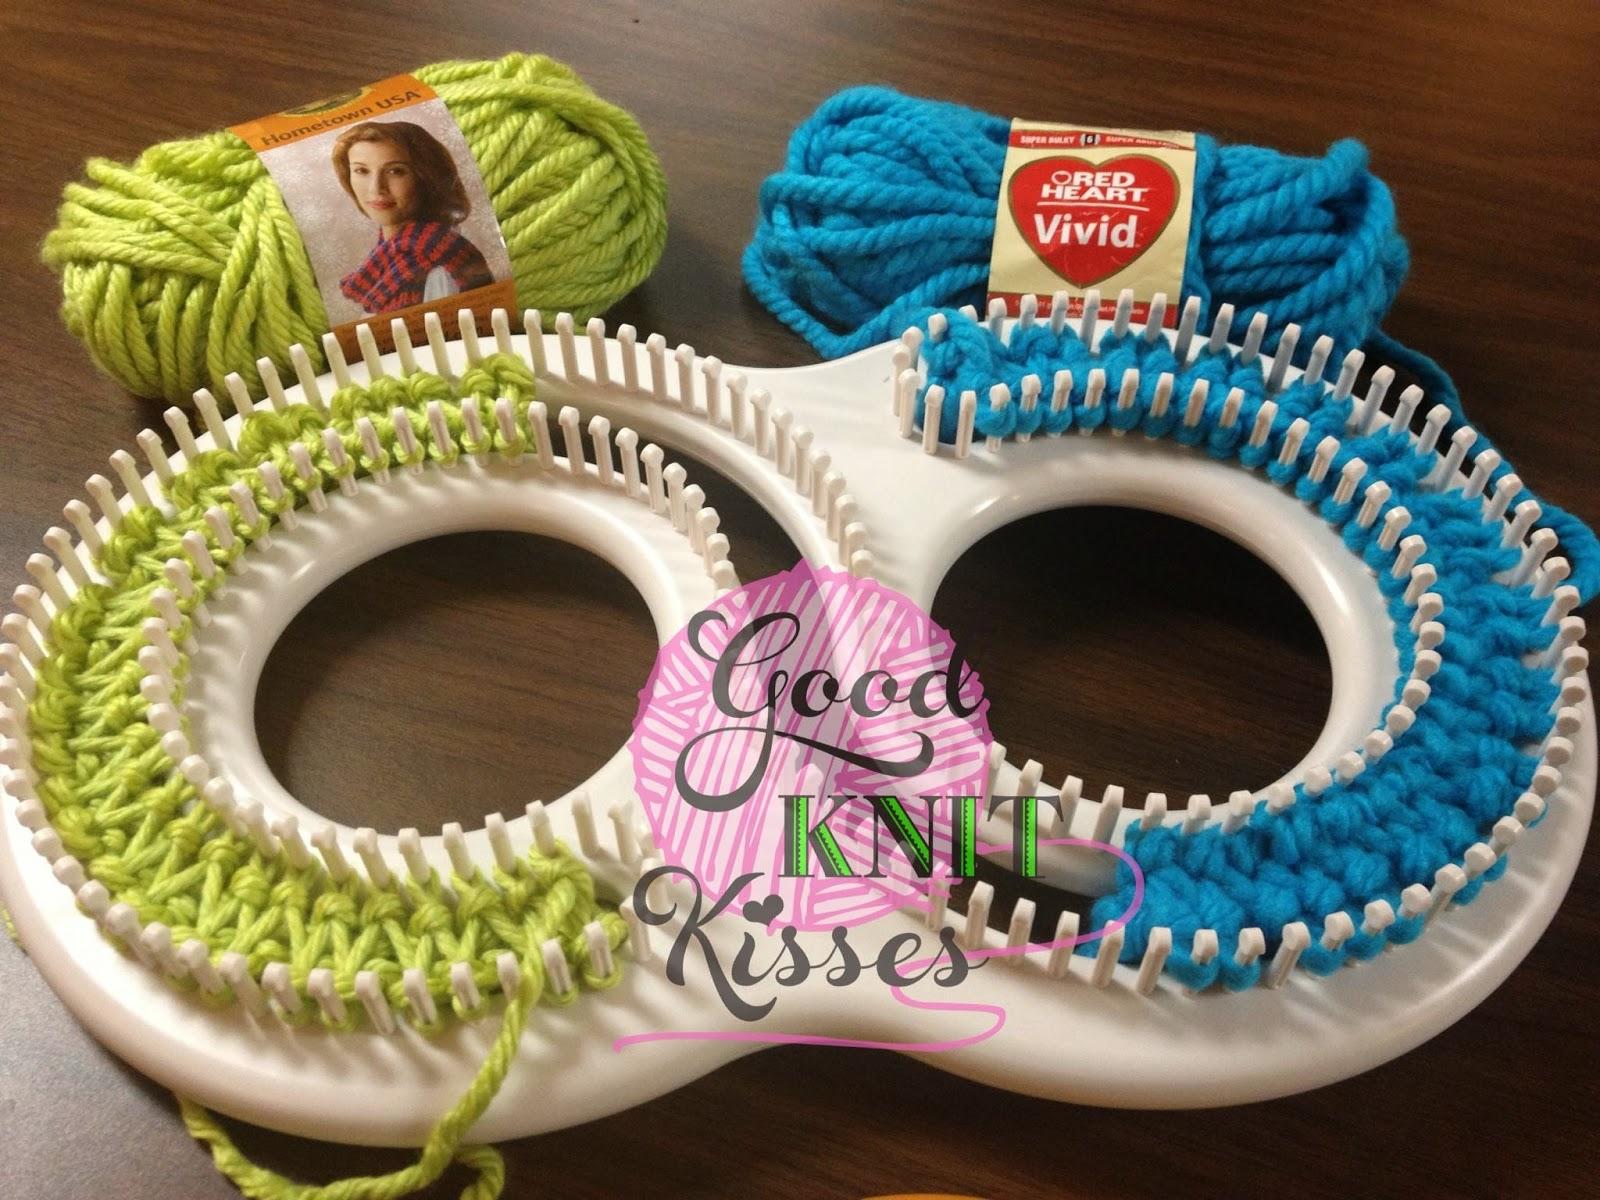 Goodknit Kisses Double Knitting On Knittingboard Super